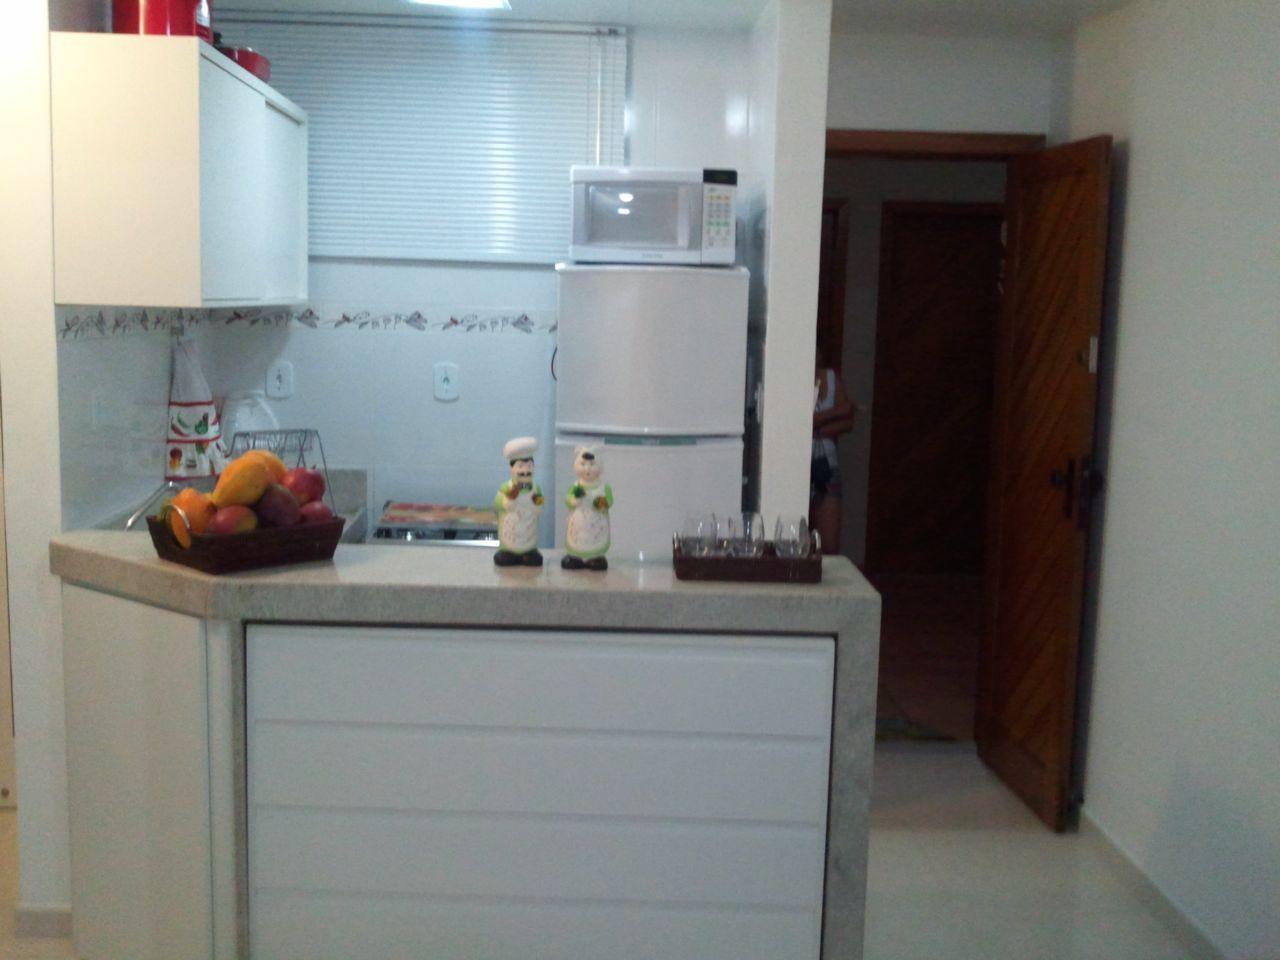 Micro Cozinha Balc O Kitchen Pinterest Micro Cozinha E Balc O ~ Bancada Divisoria Sala Cozinha